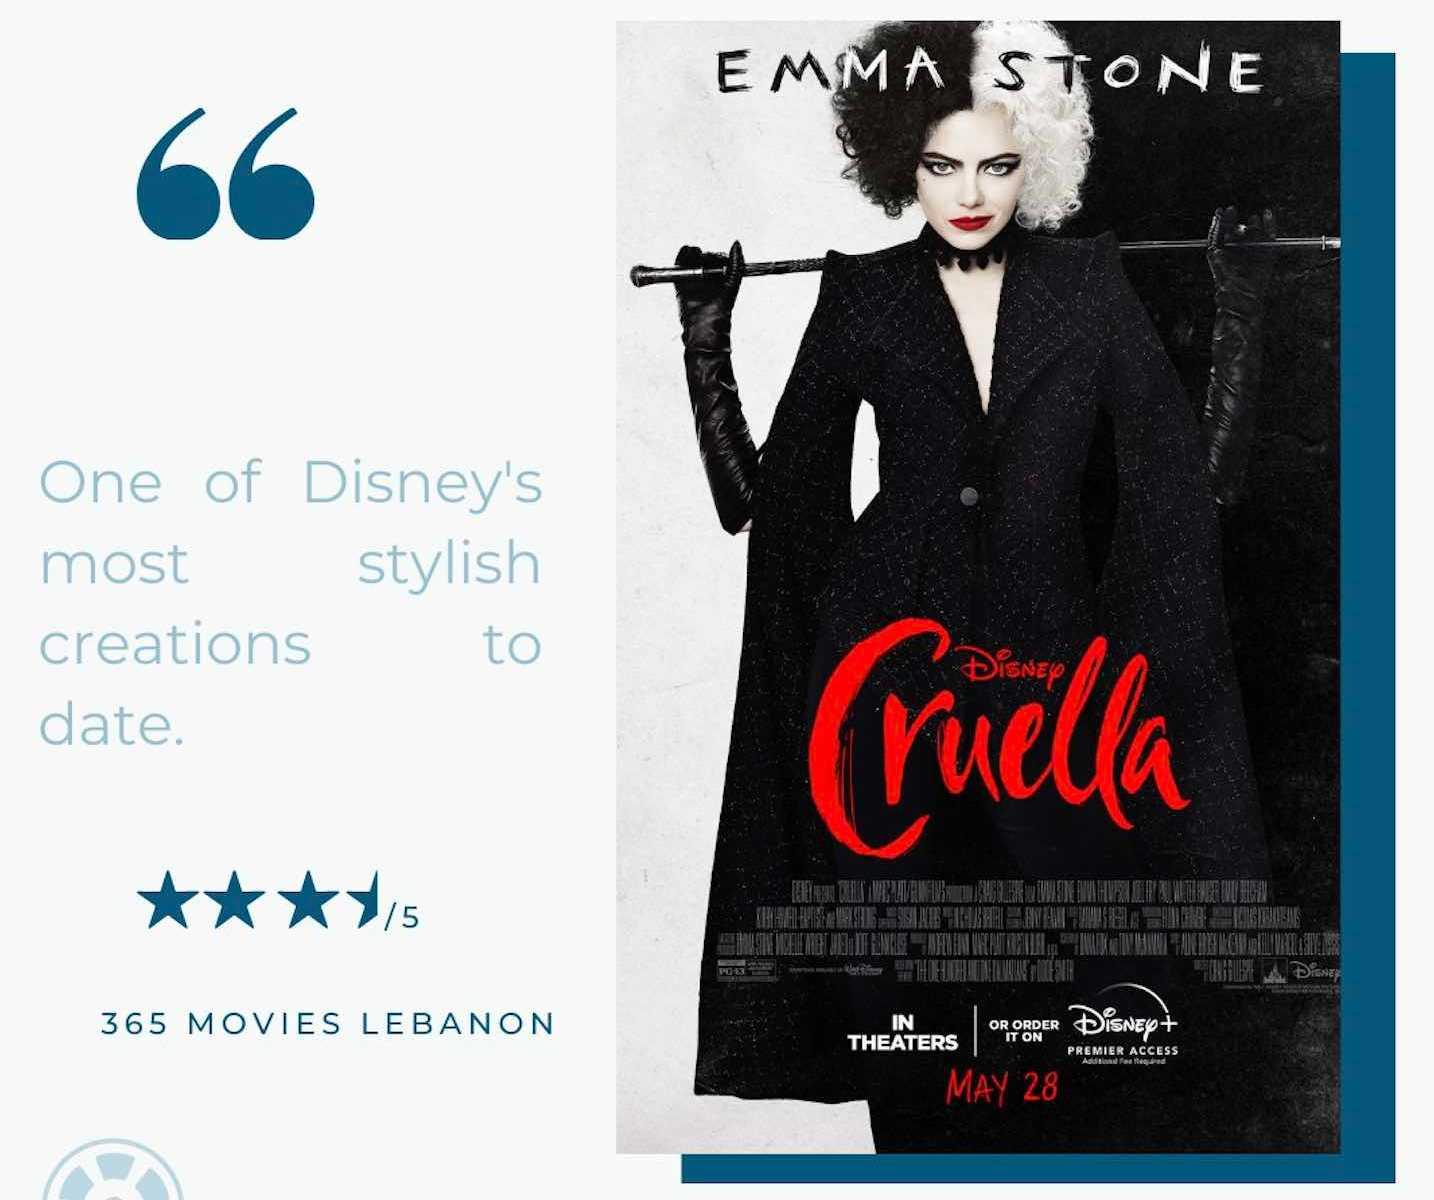 Cruella by Craig Gillespie Film Review